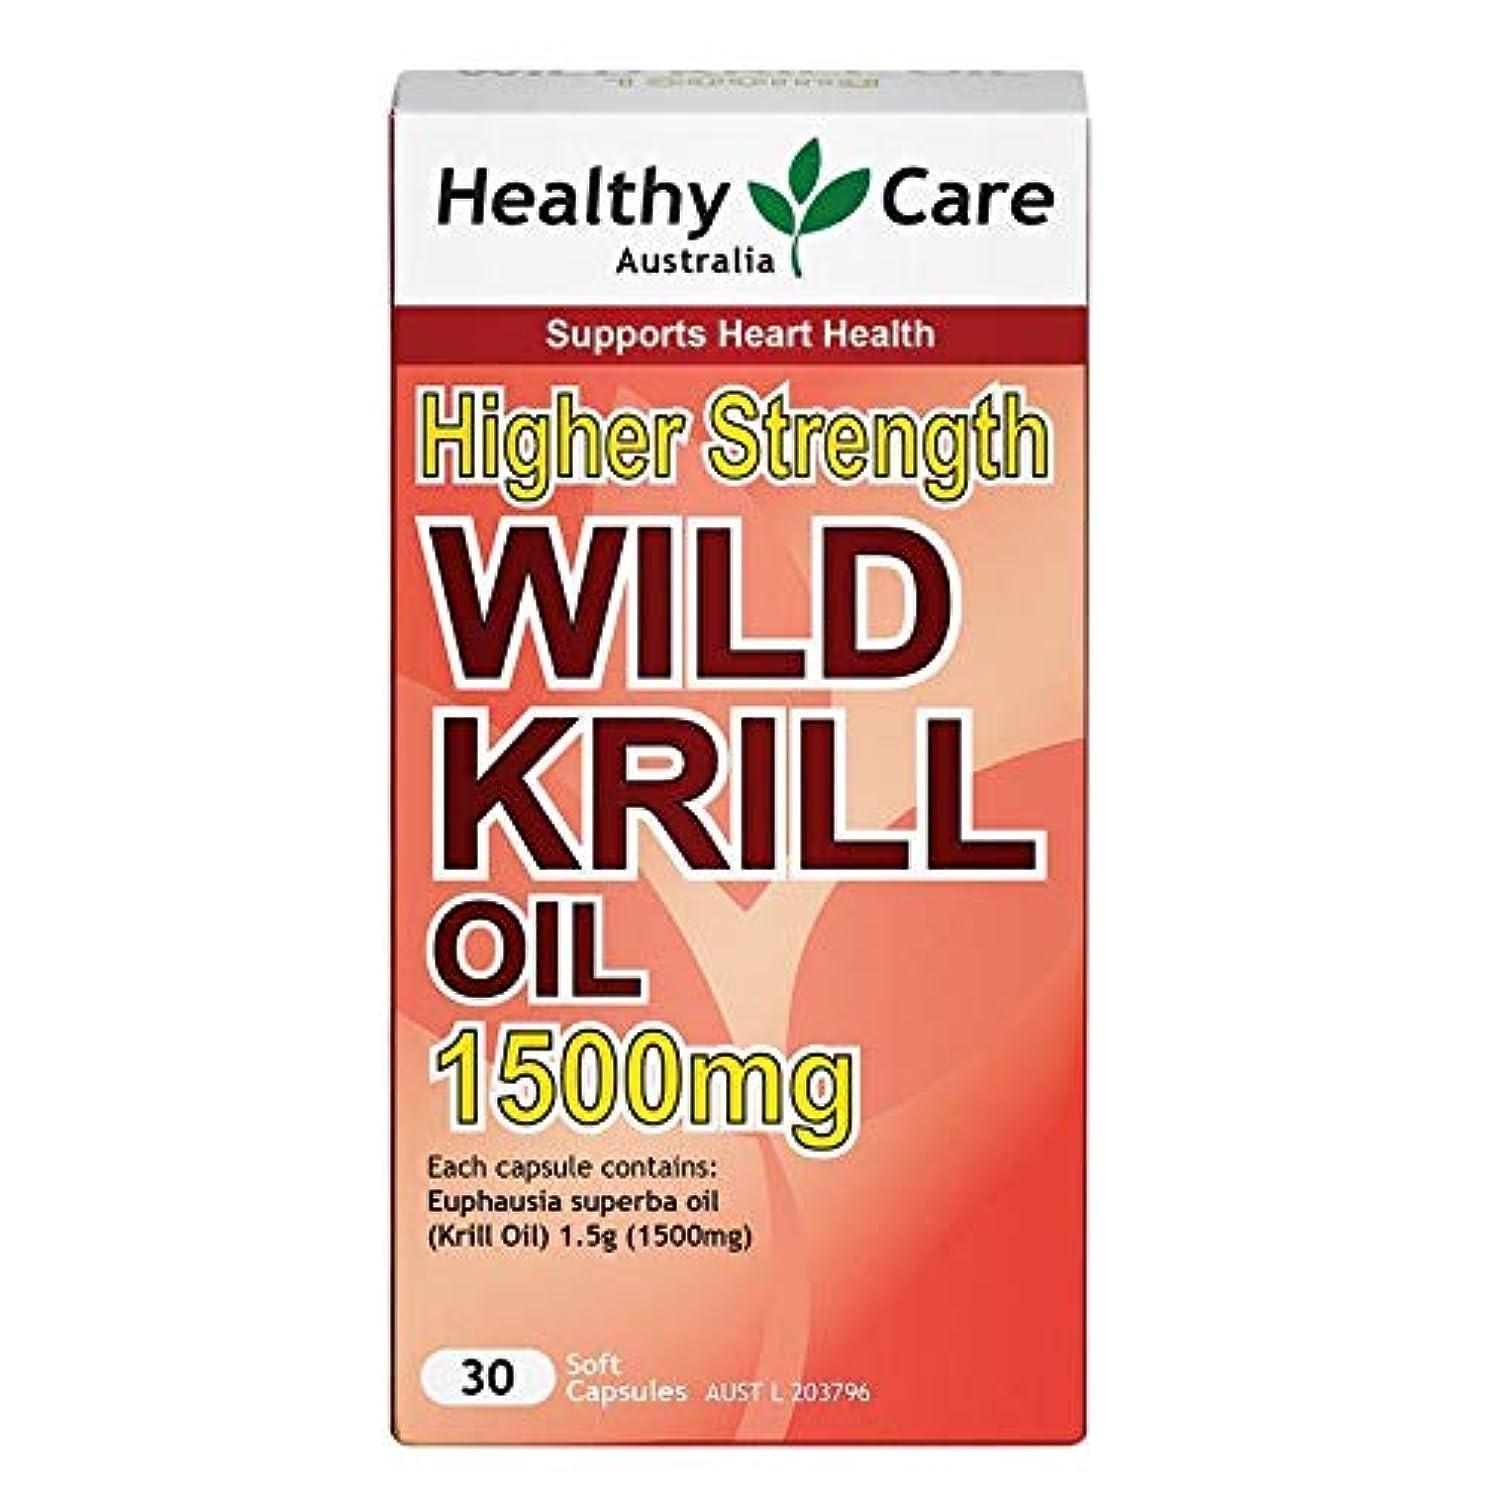 崩壊アトム黒くする[Health Care]ワイルドオキアミオイル (30cap) Wild Krill Oil 1500mg [海外直送品]